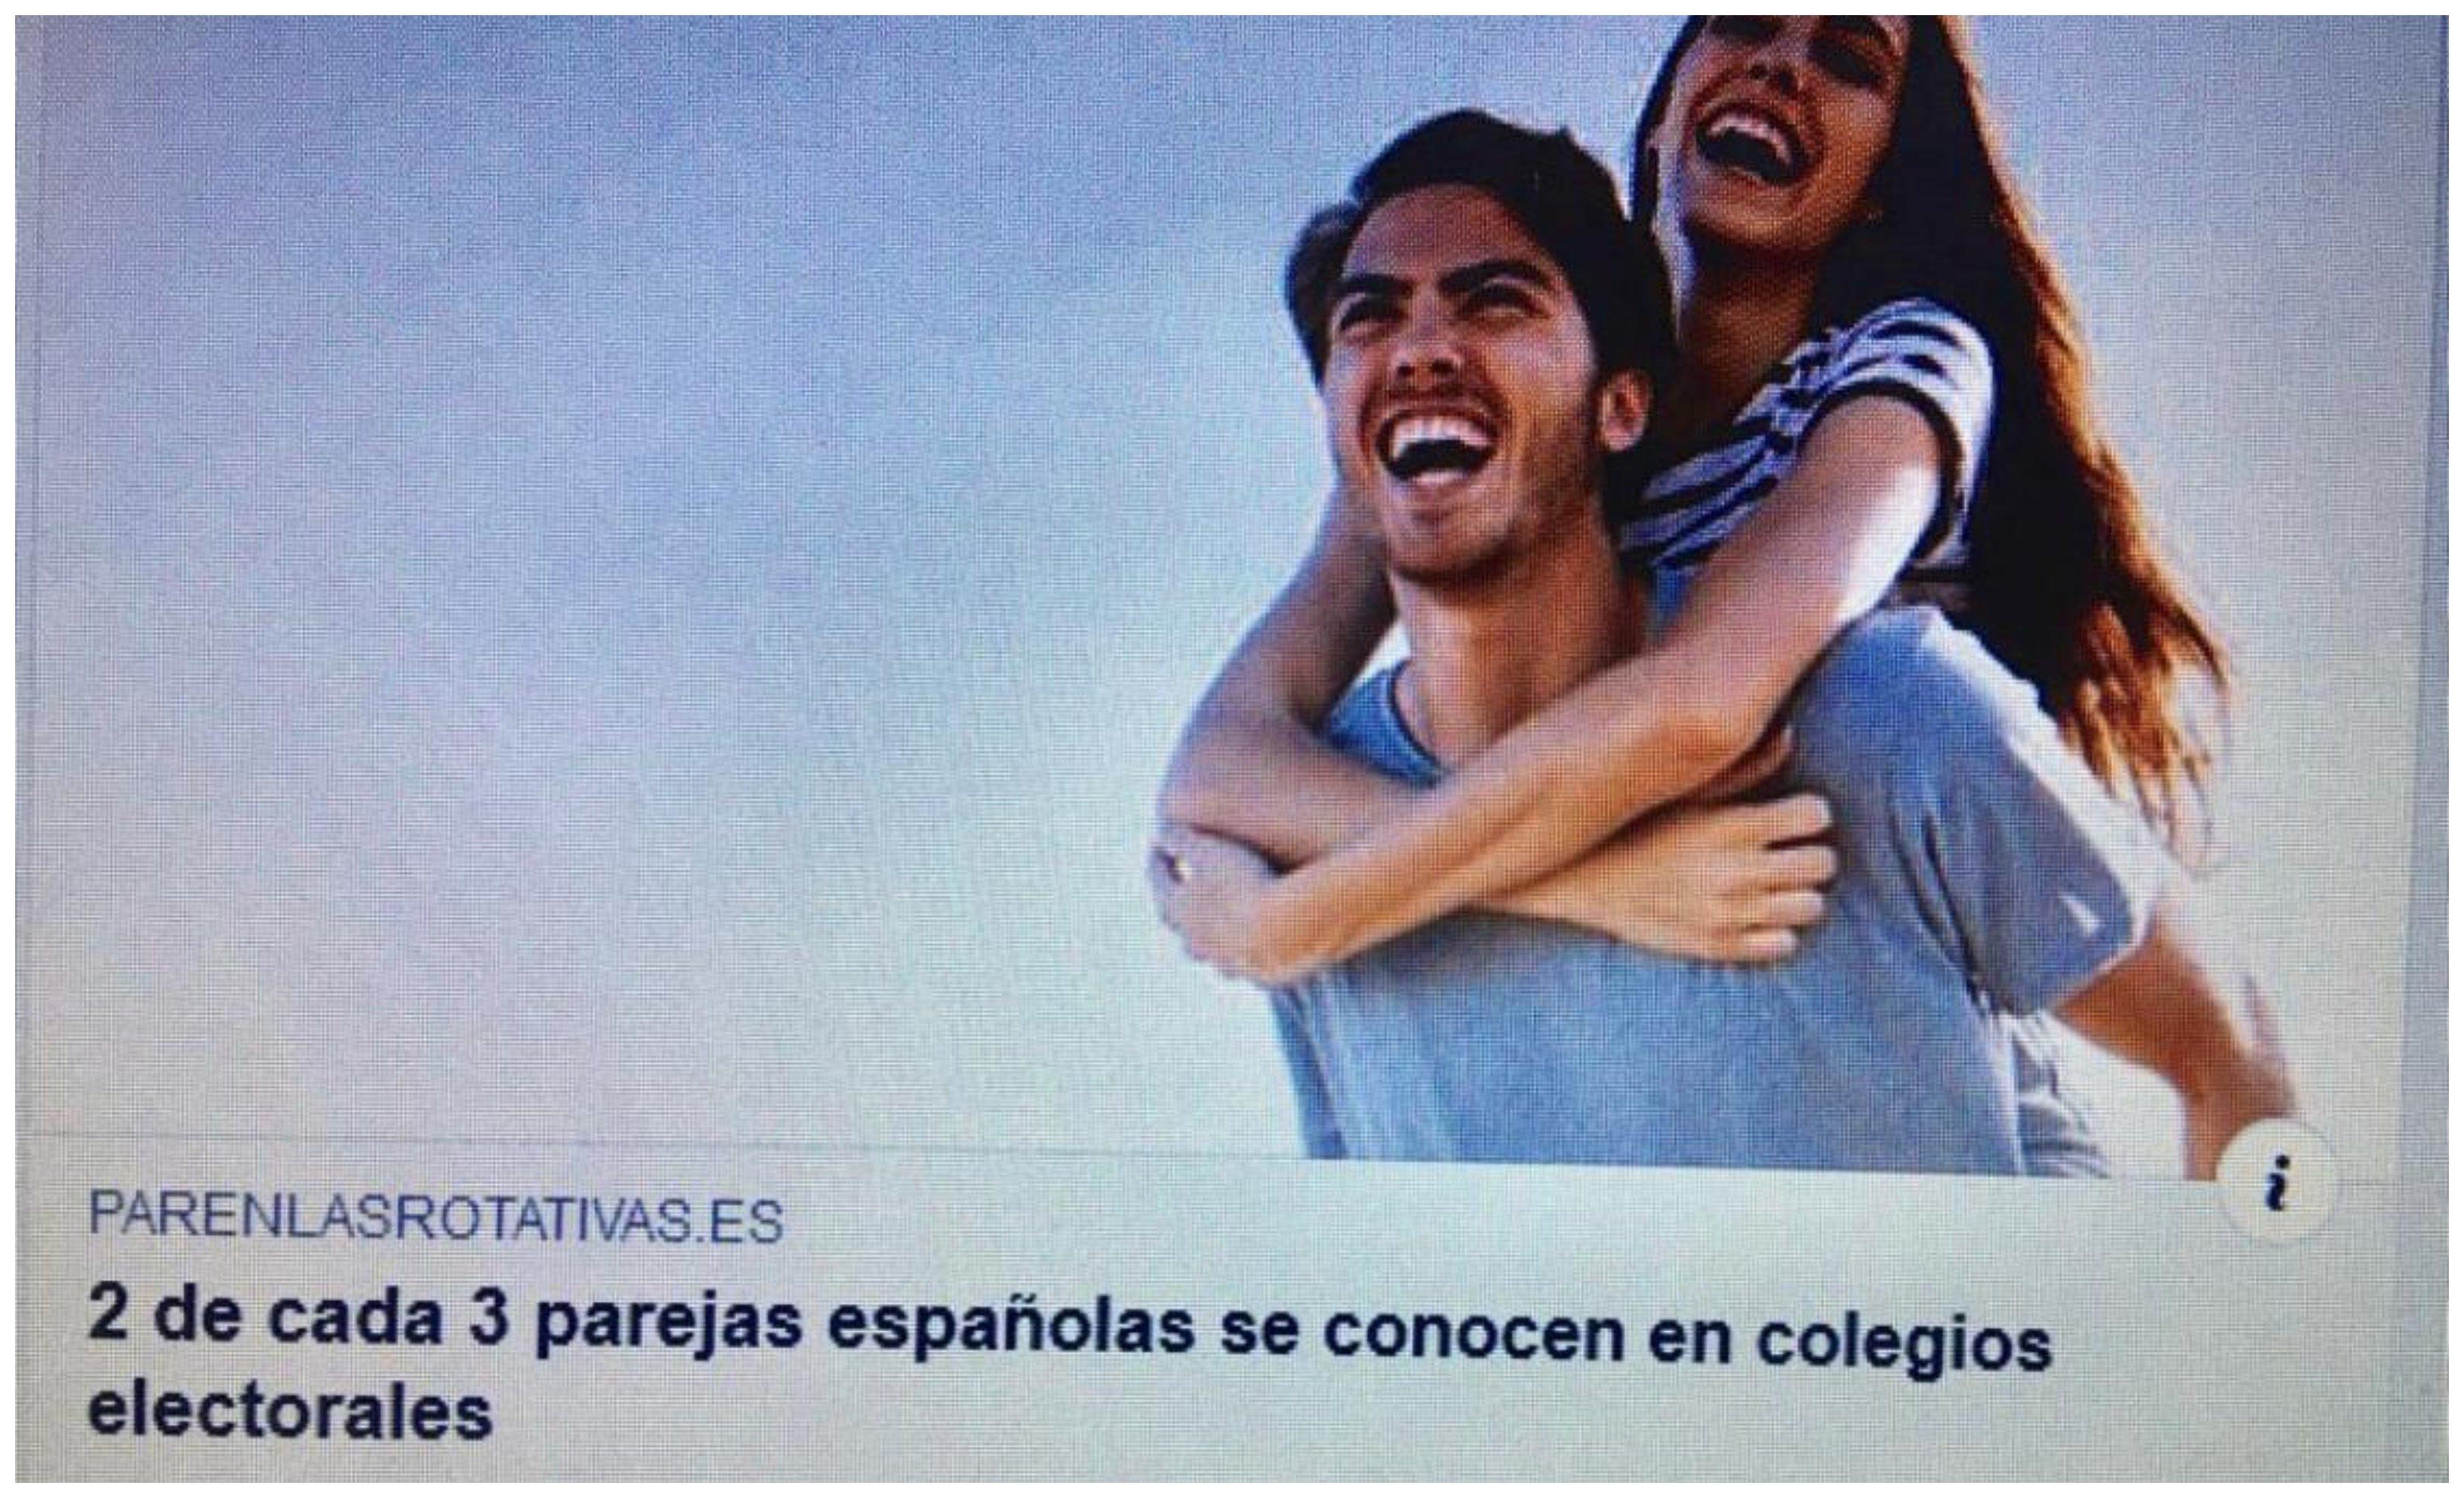 2 de cada 3 parejas españolas se conocen en los colegios electorales